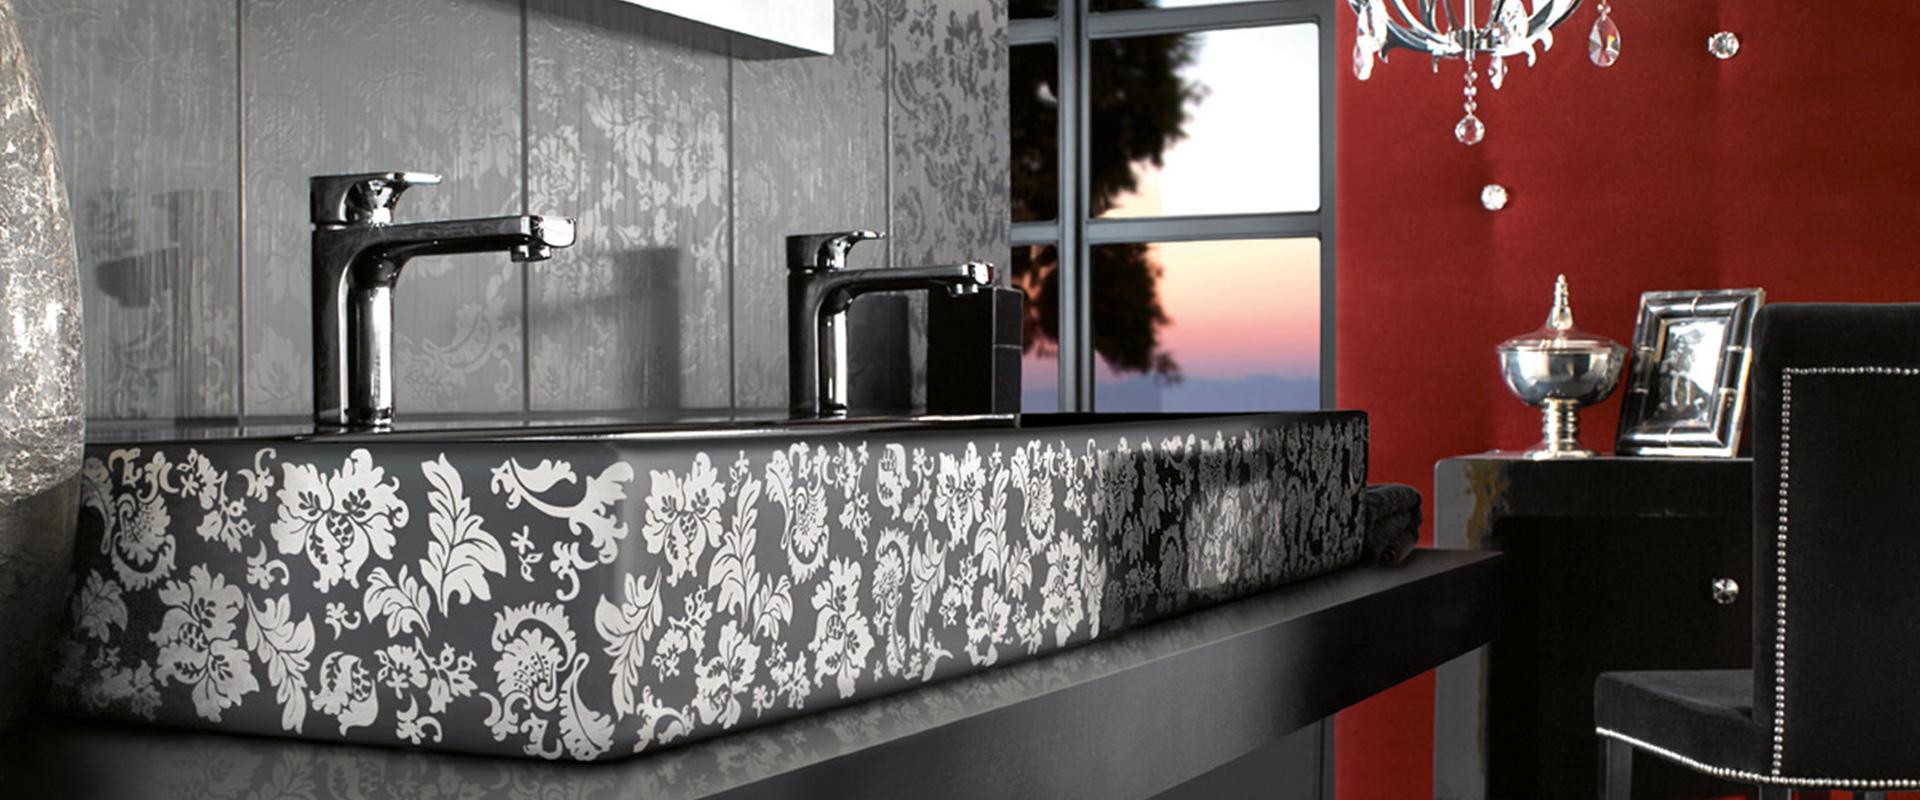 Badgestaltung bilder  Badgestaltung - Planungstools und Stilfinder- Villeroy & Boch